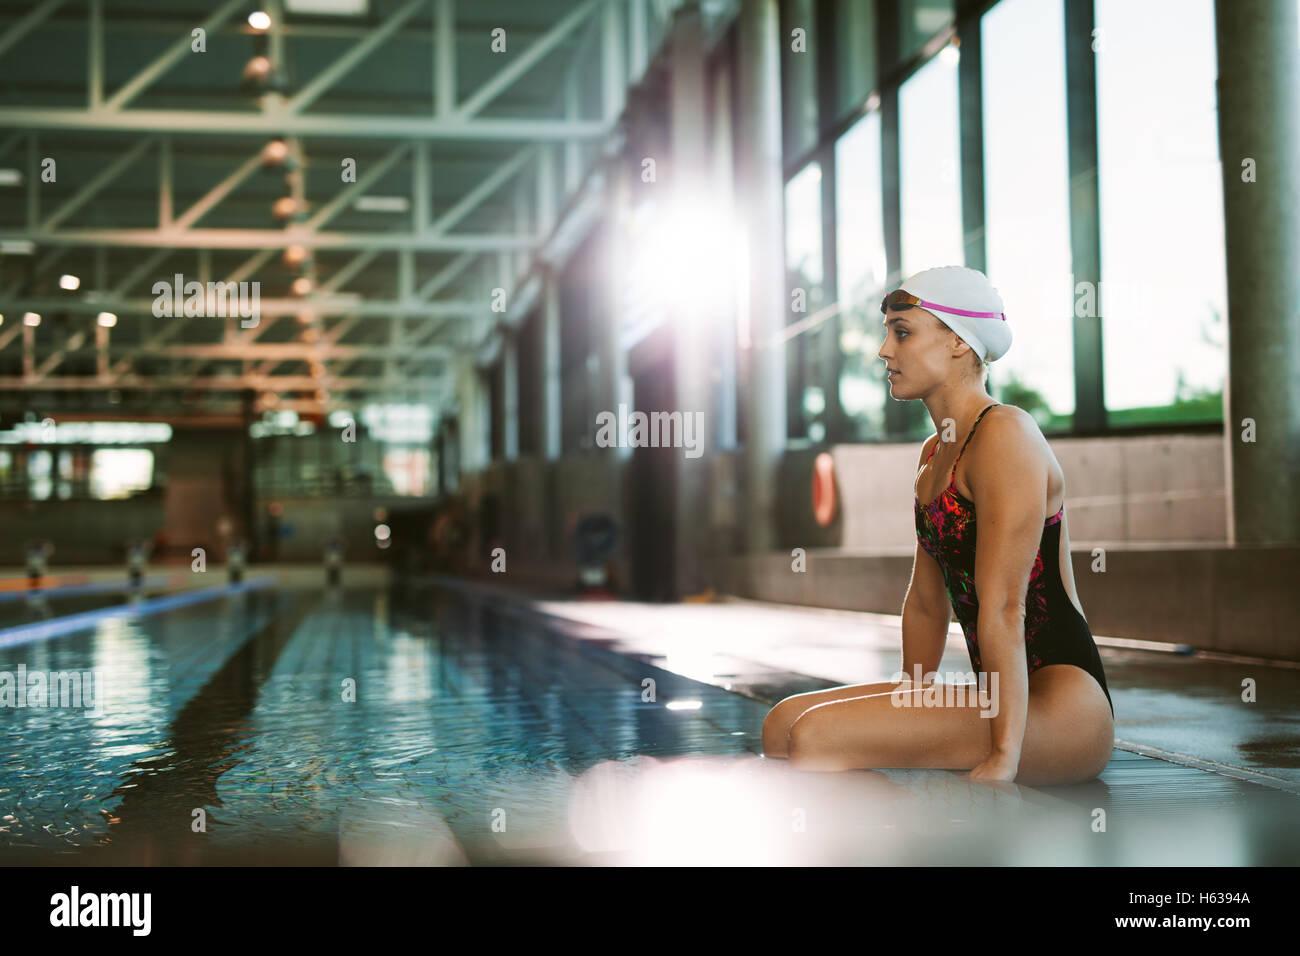 Vista laterale colpo di montare il giovane femmina nuotatore in un momento di relax a bordo della piscina. Immagini Stock